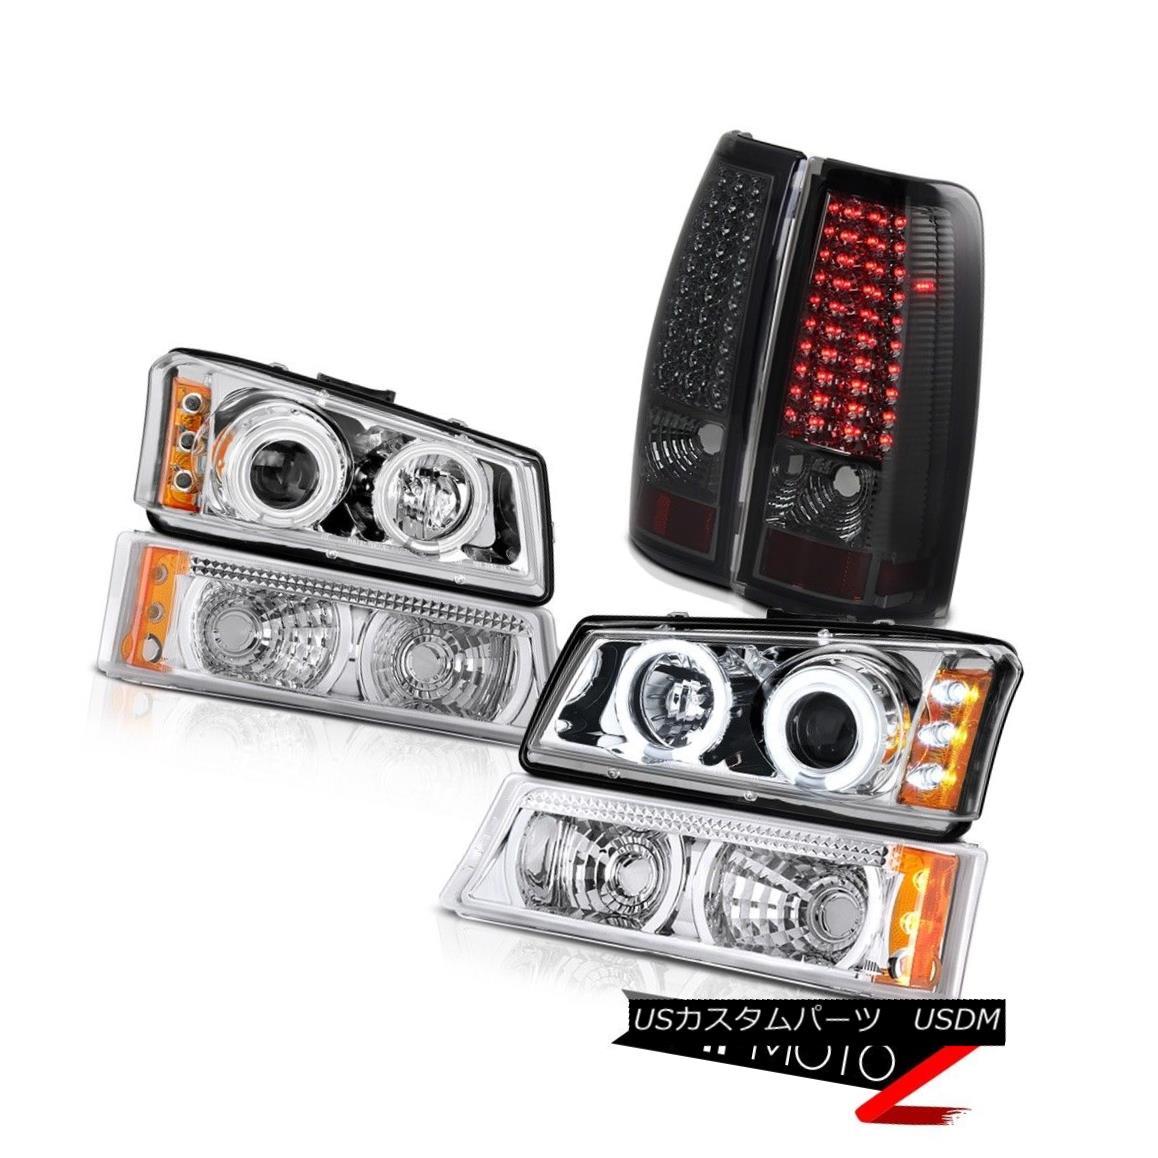 テールライト CCFL Ring Headlights Euro Turn Signal Smoke LED Taillight 2003-2006 Silverado LT CCFLリングヘッドライトユーロターンシグナルスモークLEDテールライト2003-2006シルバラードLT